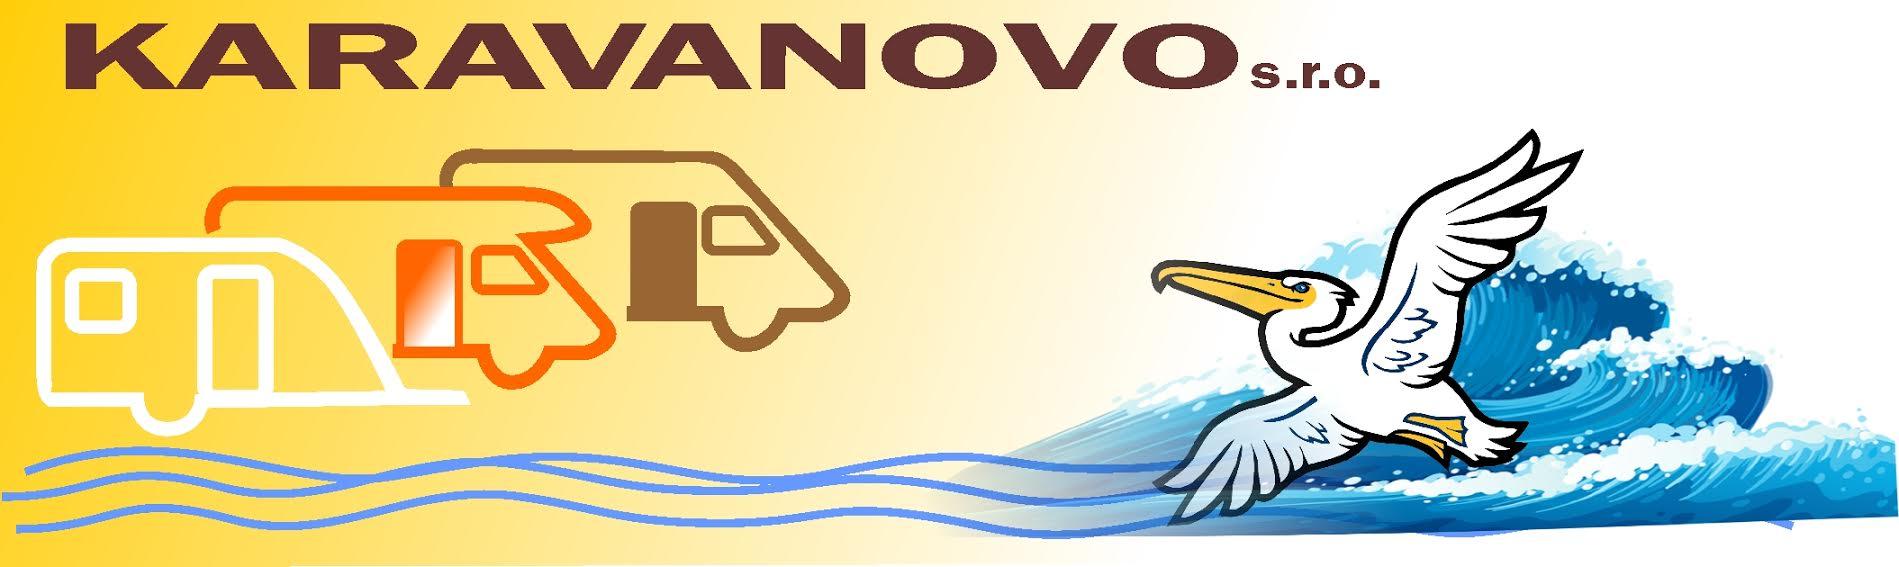 Karavaneshop- spoznajte niečo nové...karavanovo. - slide 12